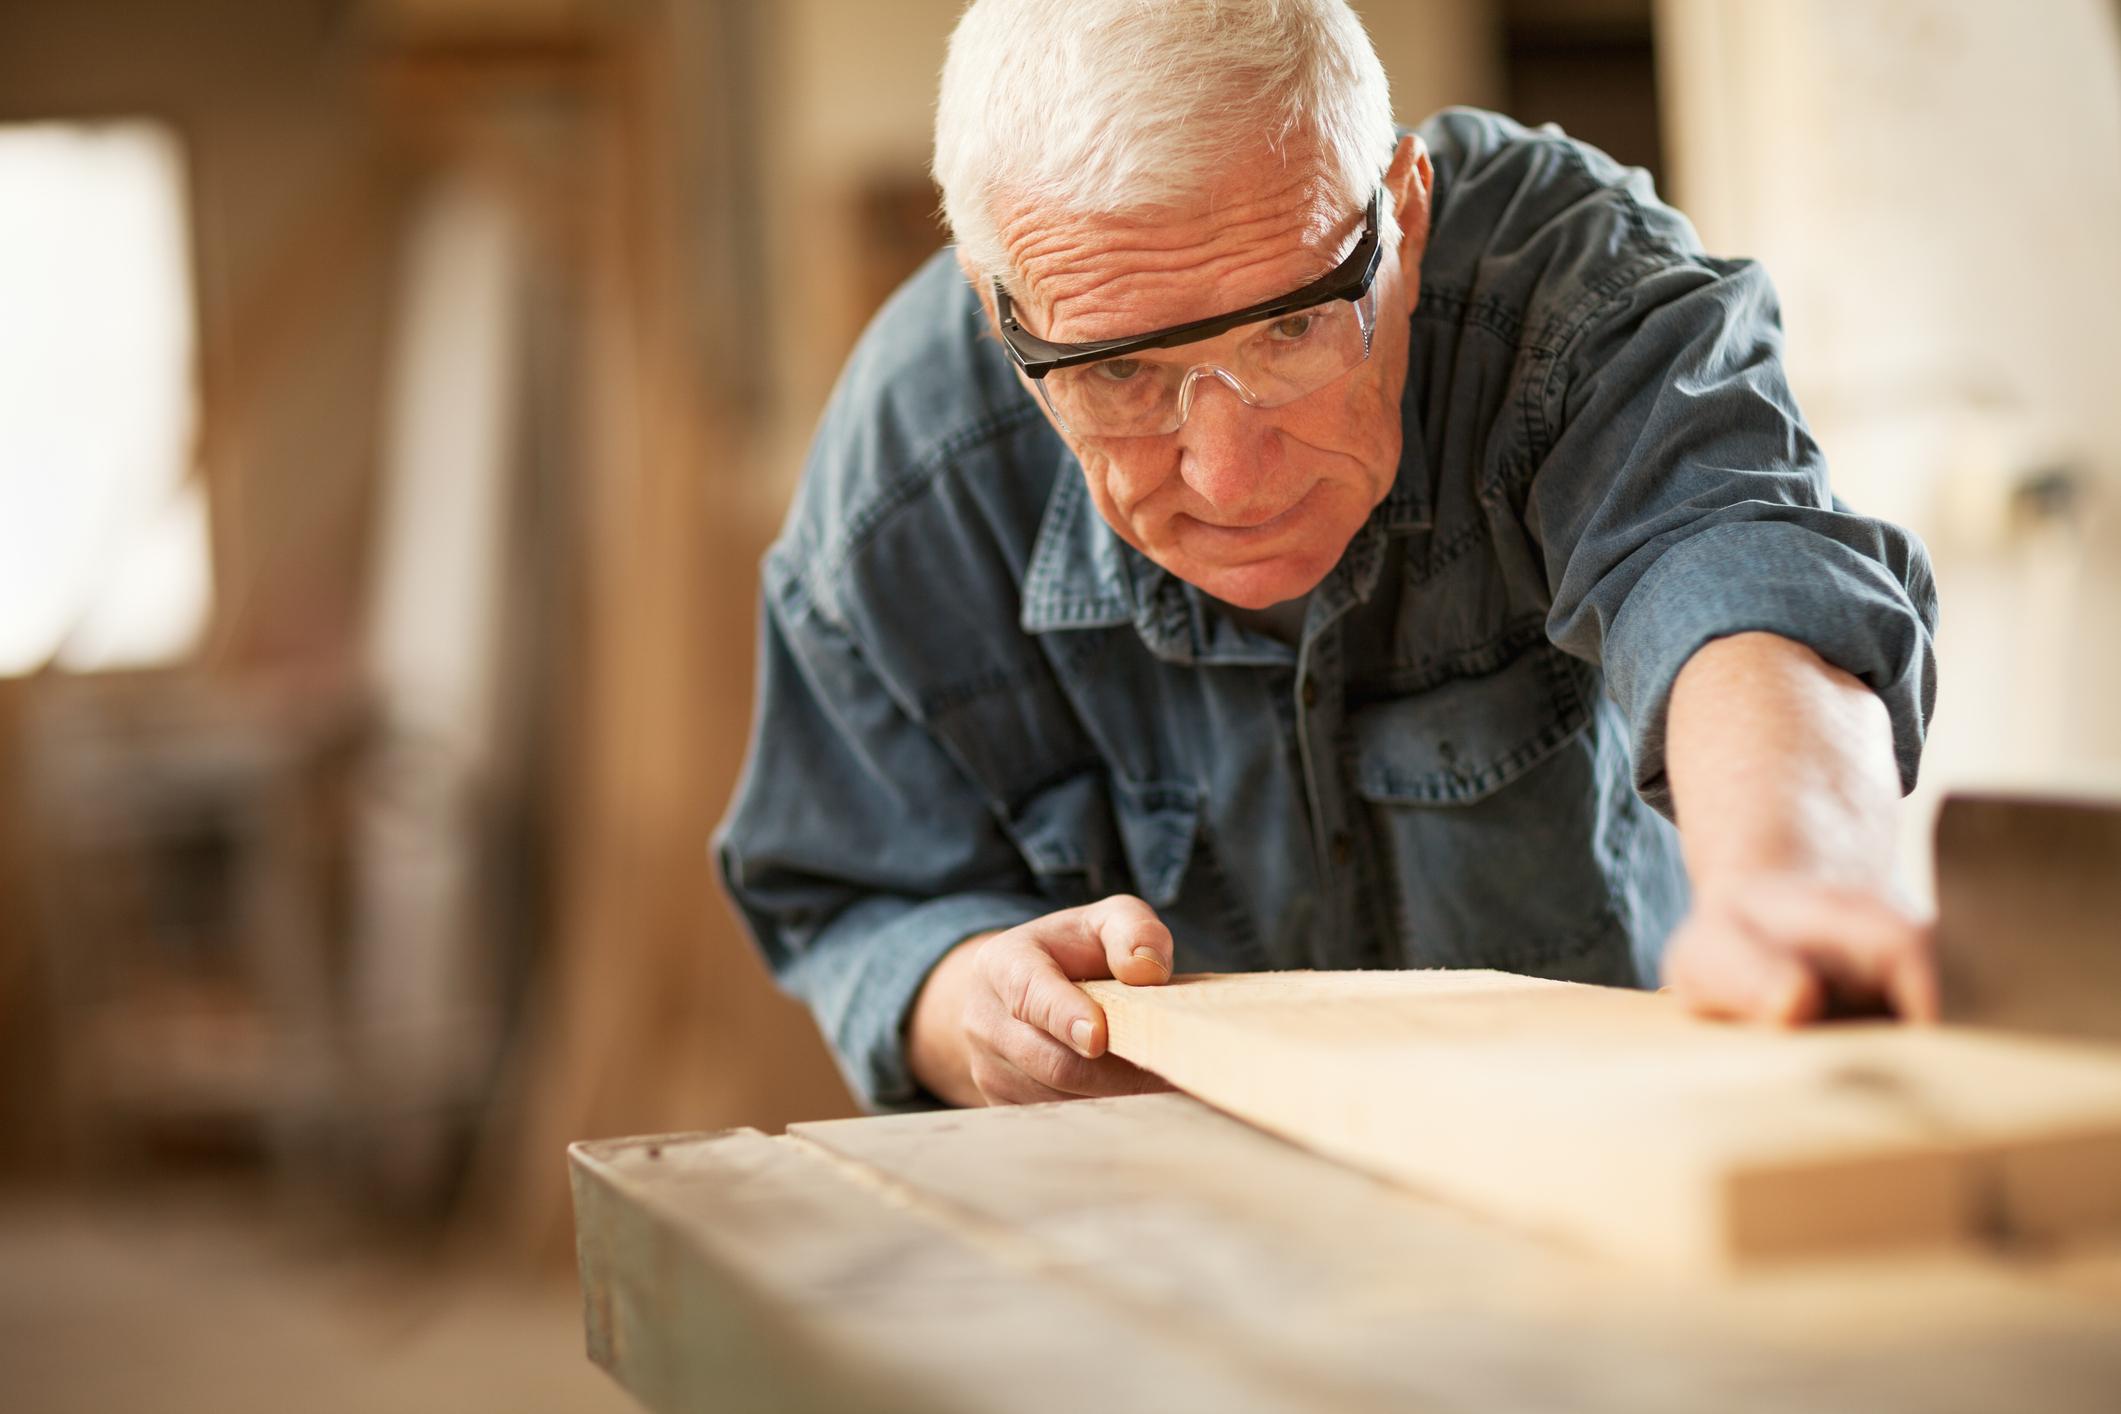 A senior man cutting a piece of wood in a wood shop.